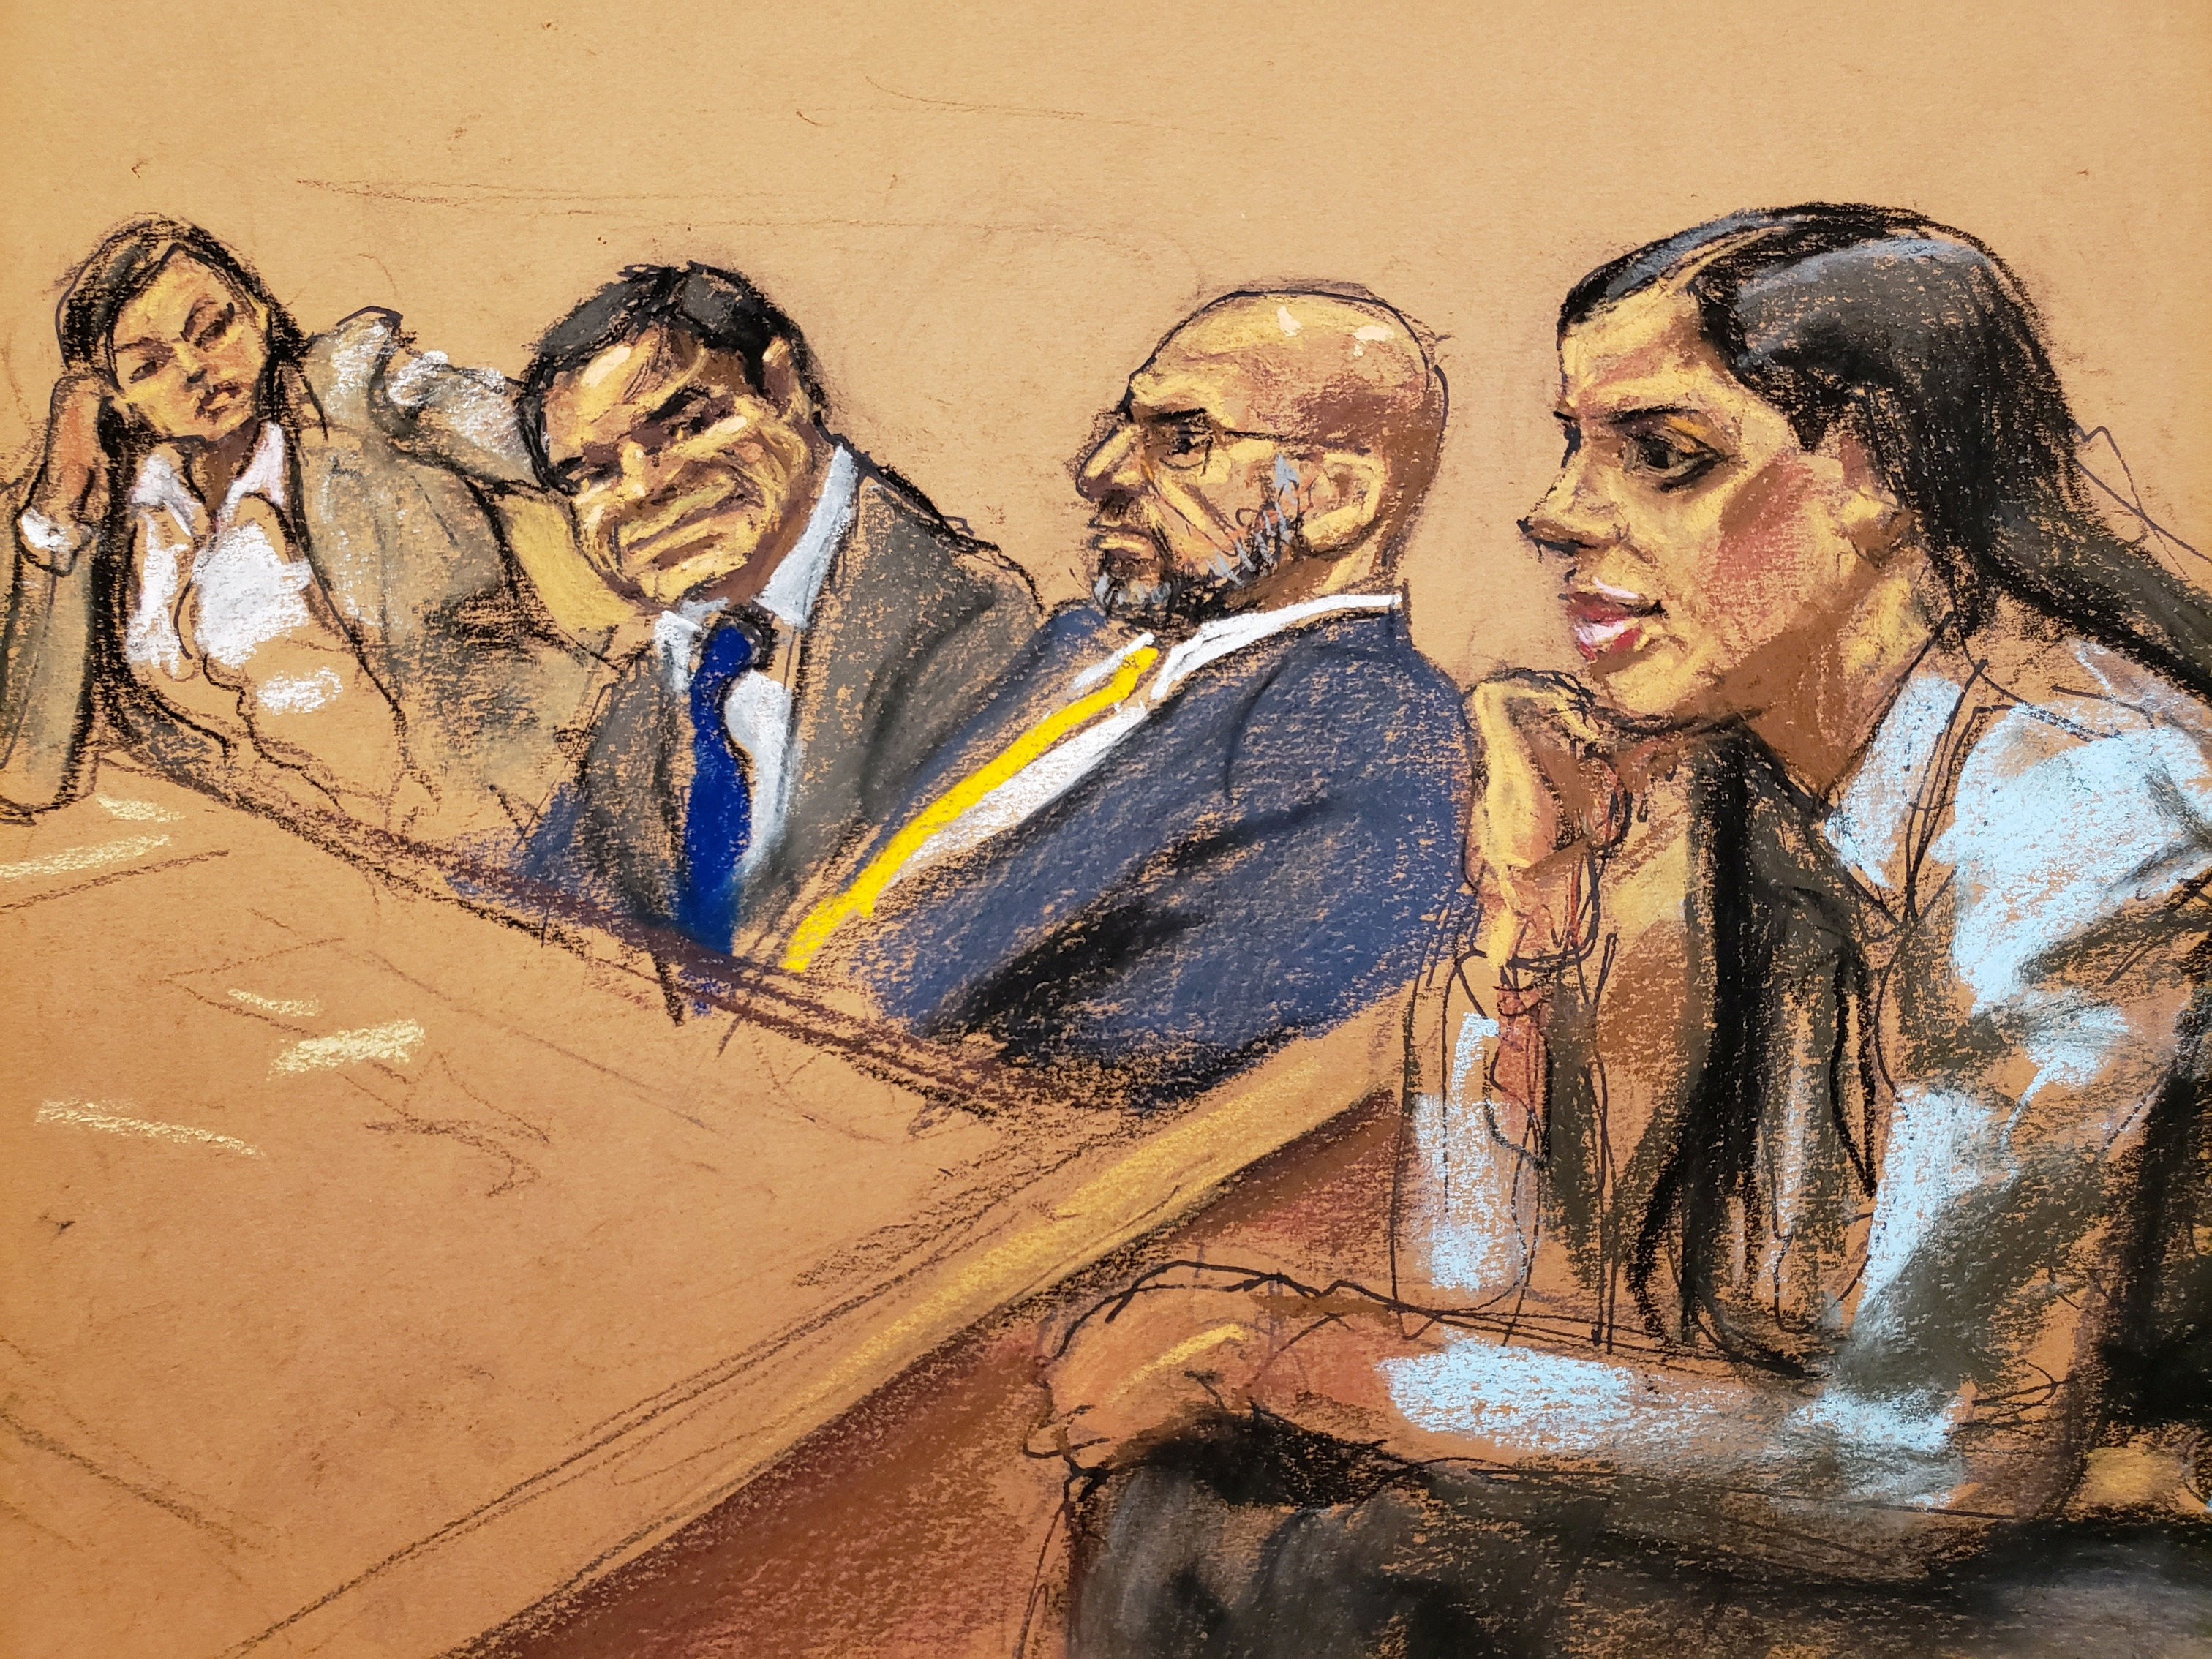 Inicia segunda semana de deliberación en juicio de 'El Chapo'